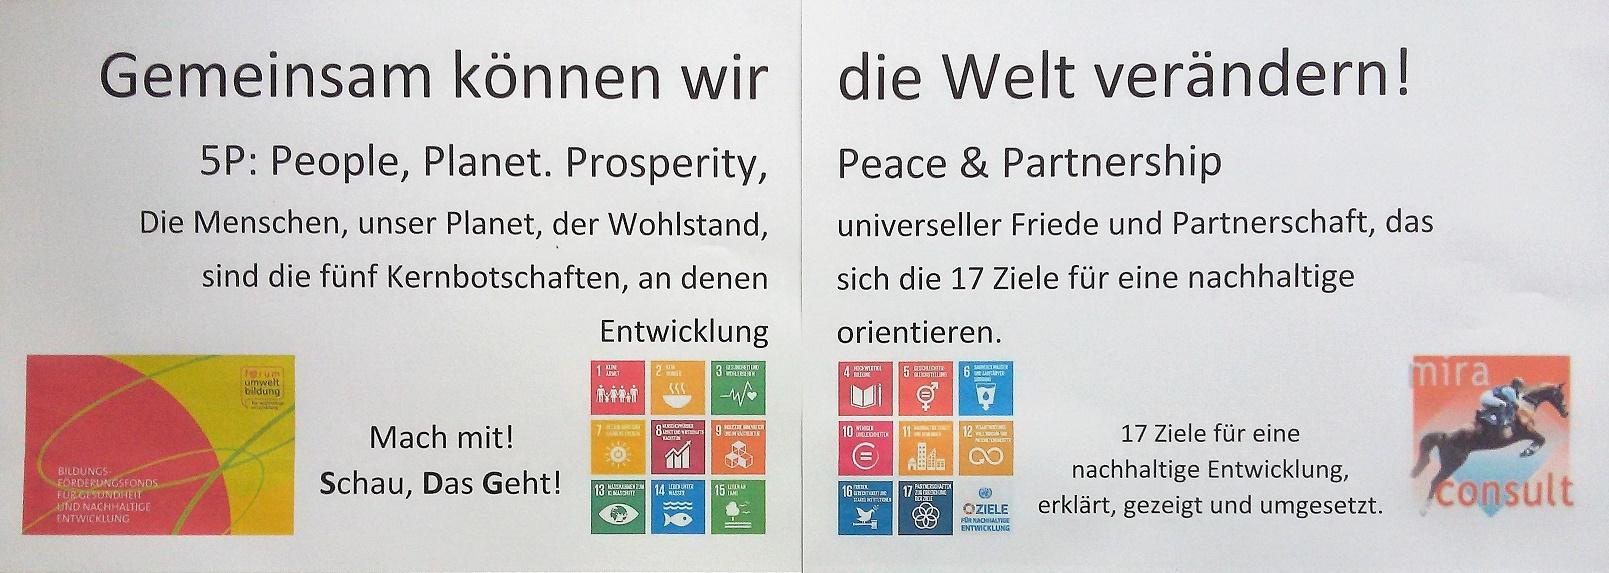 Gemeinsam können wir die Welt verändern! 5P: People, Planet, Prosperity, Peace & Partnership. Die Menschen, unser Planet, der Wohlstand, universeller Friede und Partnerschaft, das sind die fünf Kernbotschaften, an denen sich die 17 Ziele für eine nachhaltige Entwicklung orientieren.